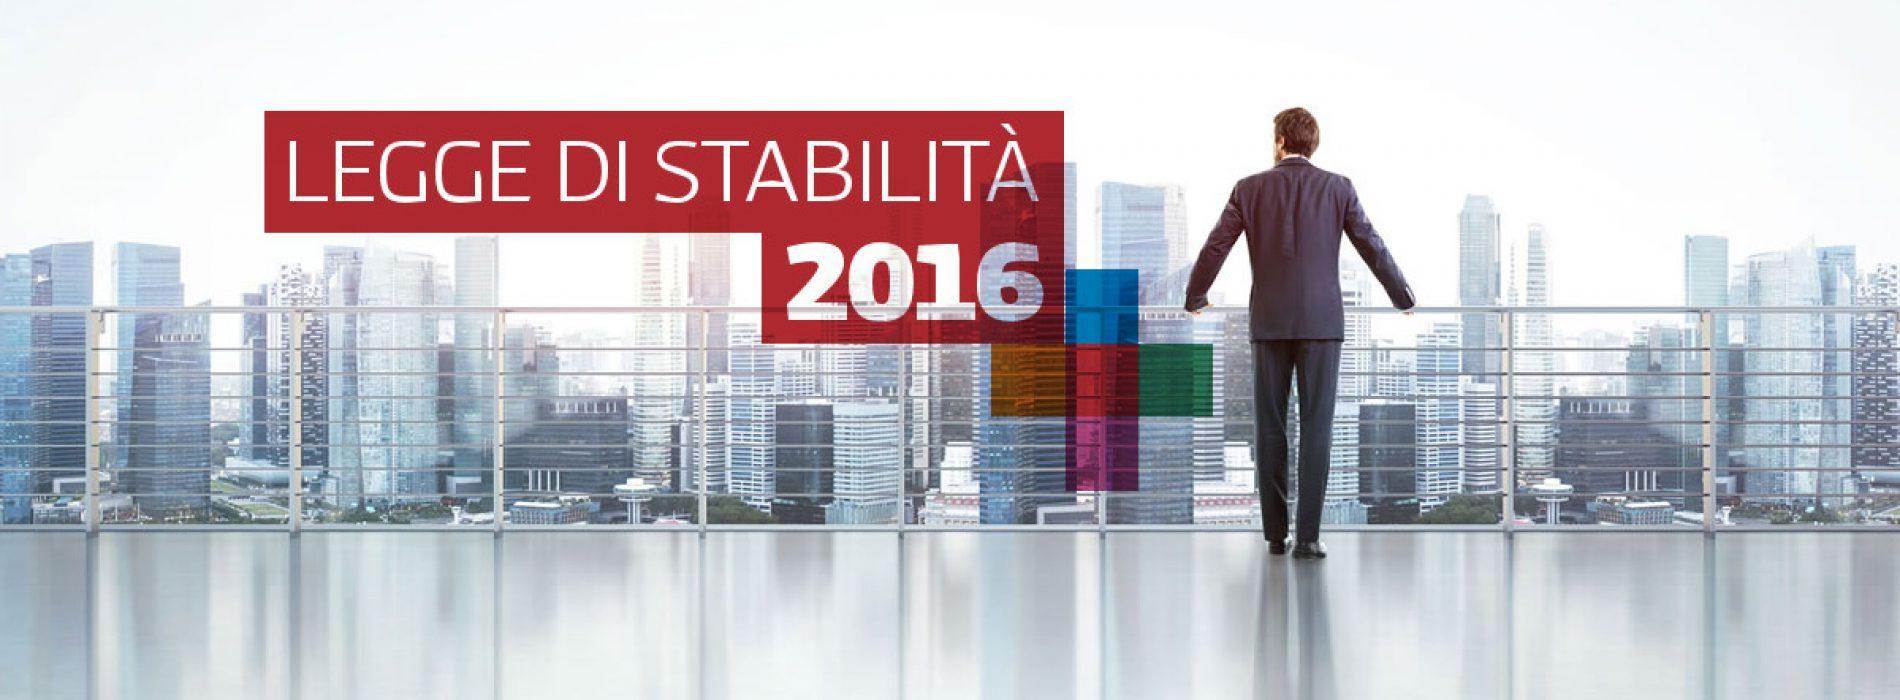 Mancano 6 mesi per usufruire dei bonus della Legge di Stabilità 2016